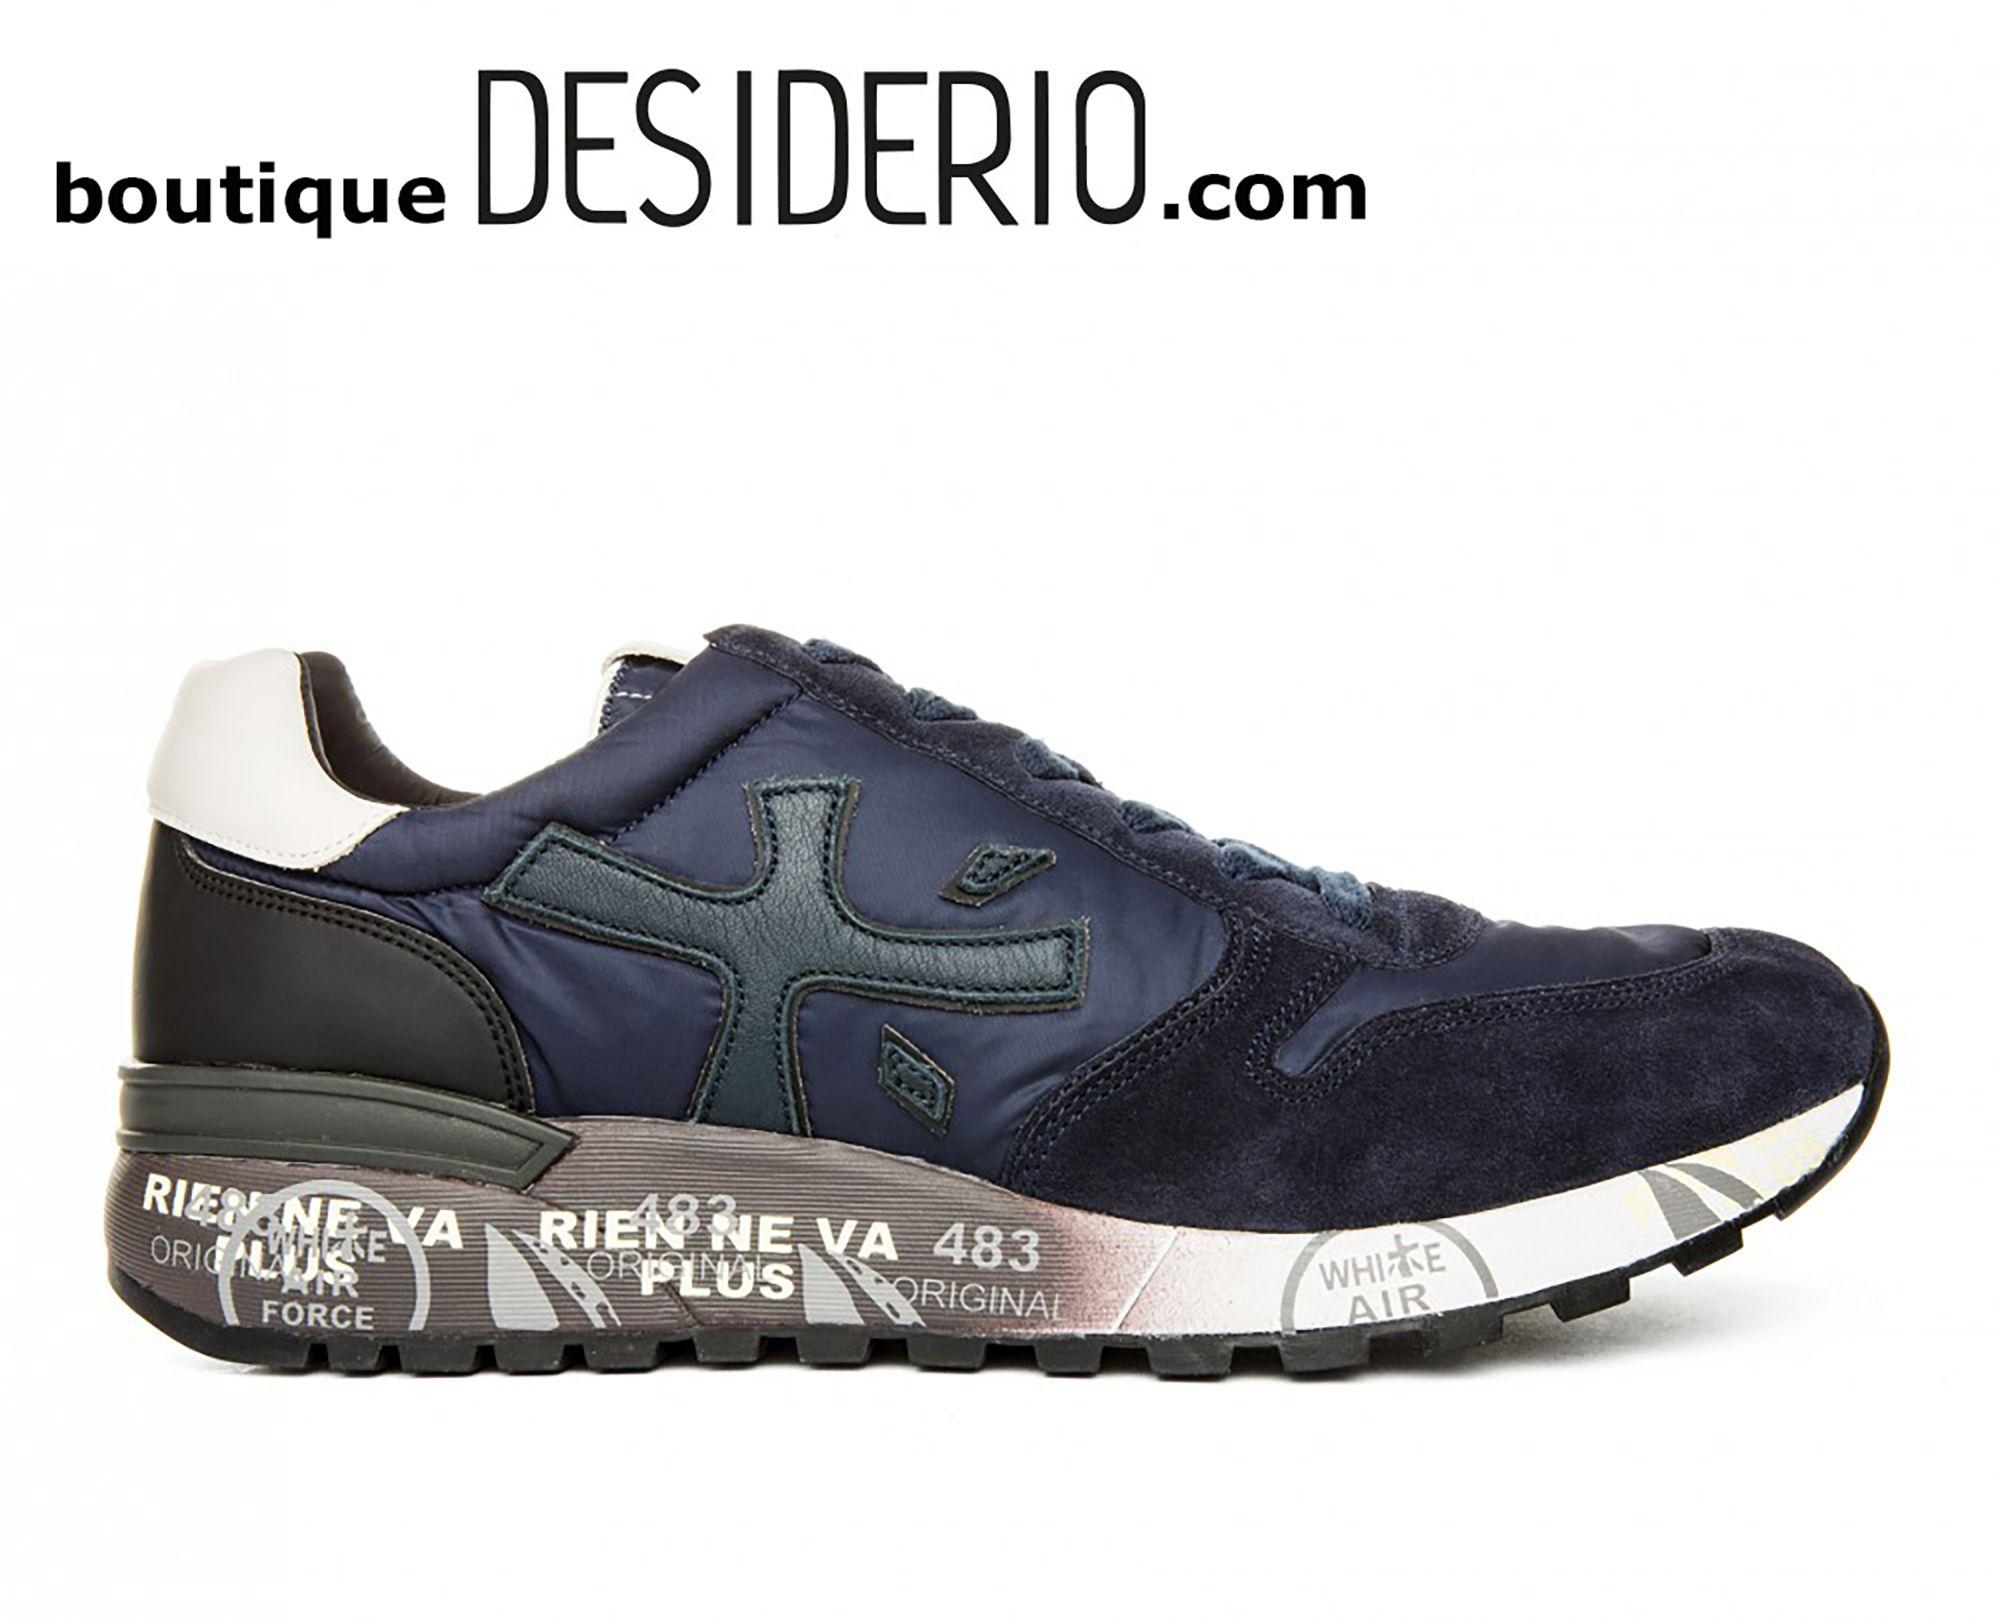 DESIDERIO boutique  PREMIATA MICK 2683 sneaker uomo camoscio blu scuro  autunno inverno 2017 2018 www